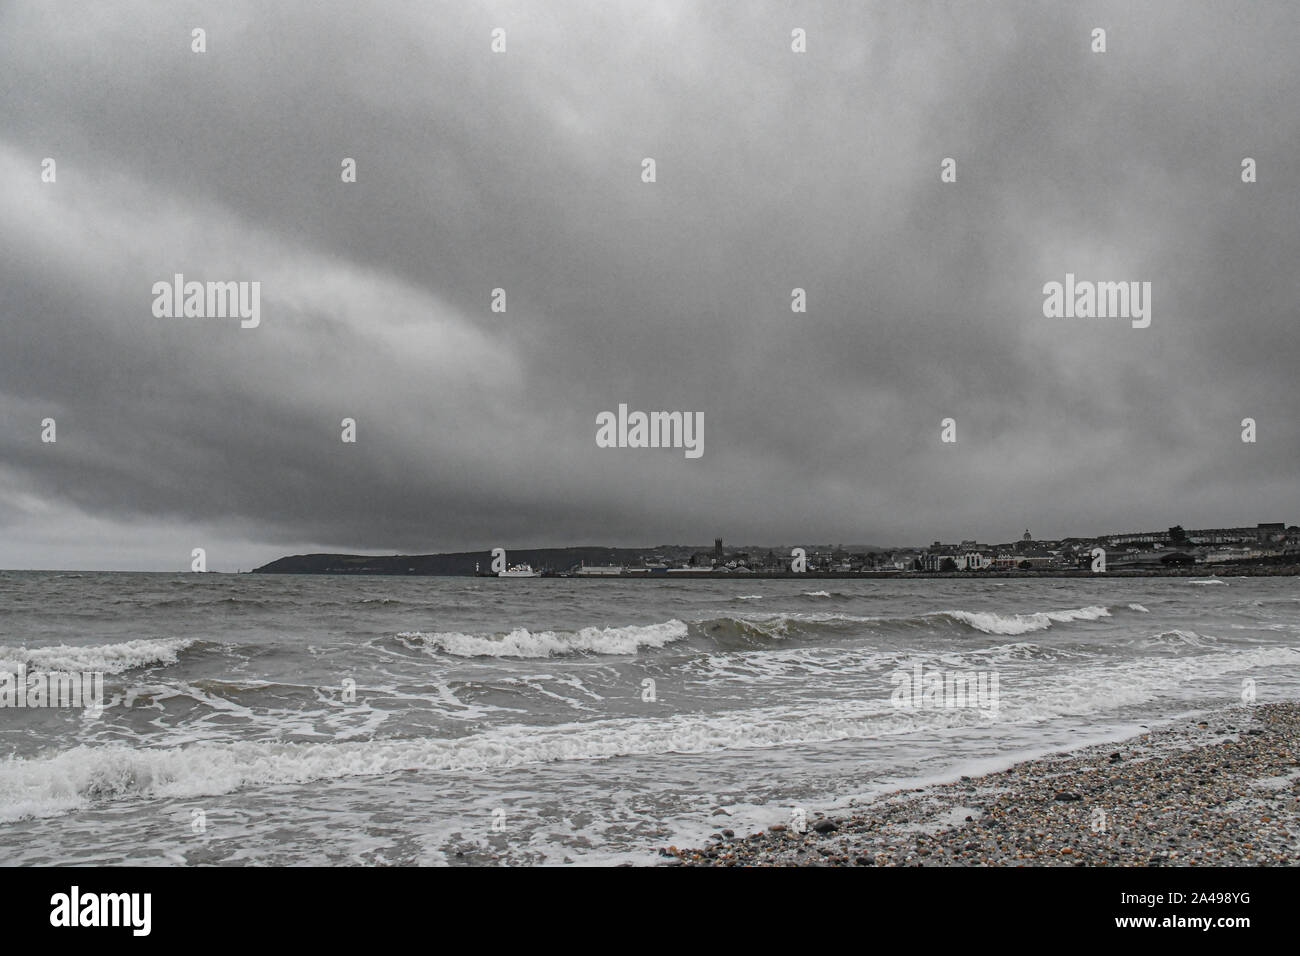 Chyandour, Cornwall, UK. 13 octobre 2019. Météo britannique. Ciel gris donnant un presque monochrome photo de la vue vers Penzance ce matin. Simon crédit Maycock / Alamy Live News. Banque D'Images